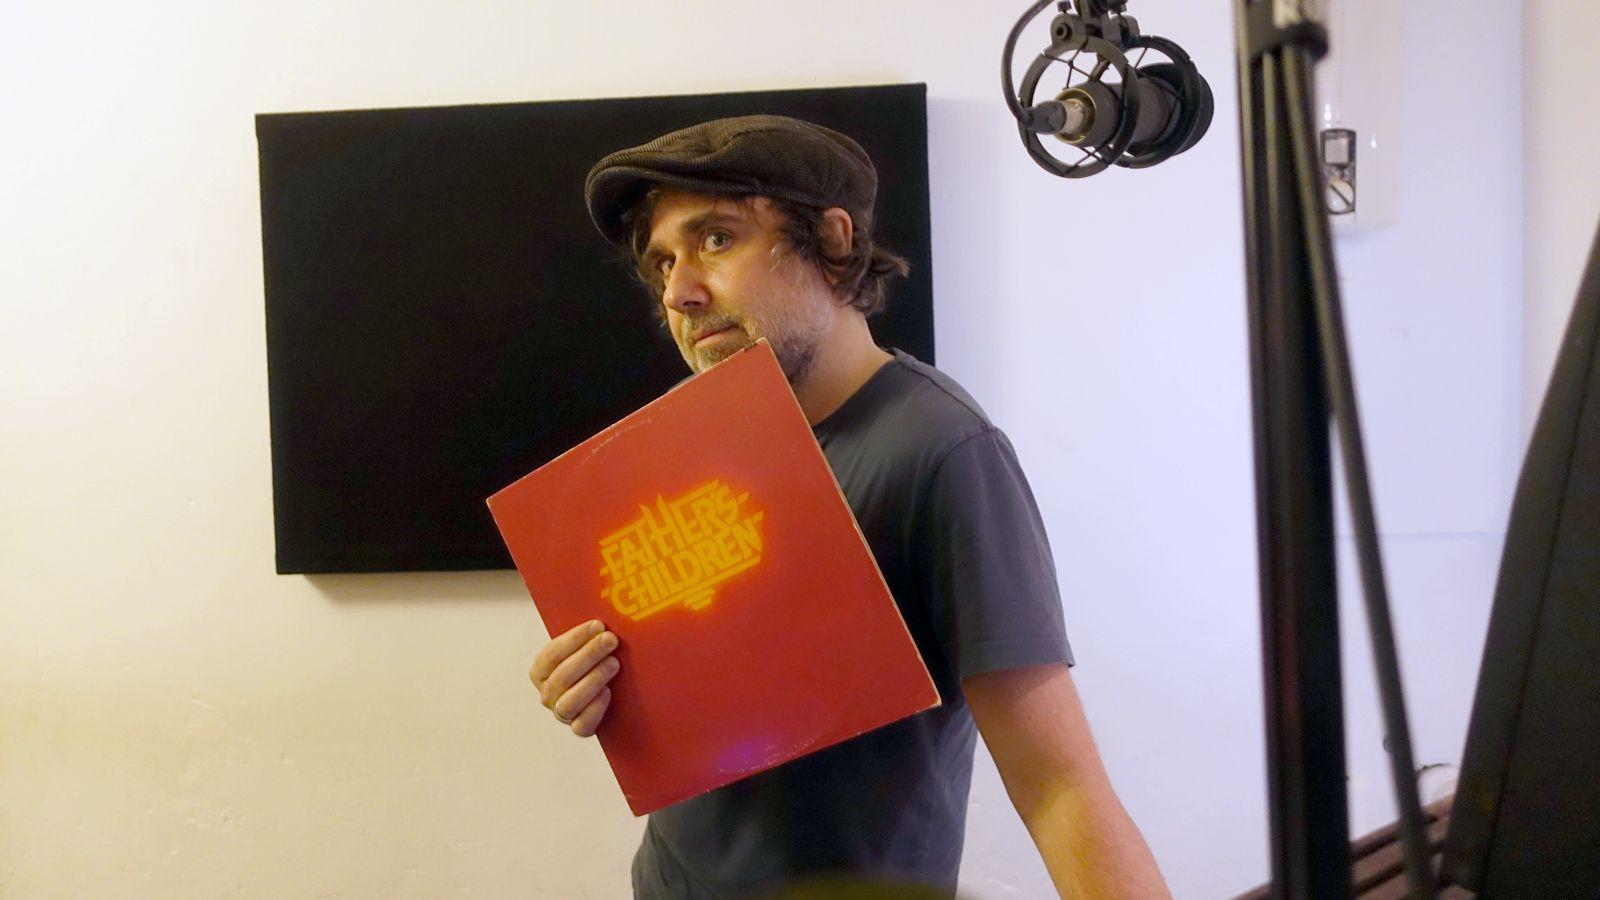 Matts Archive w/ Matt Fox (December 2020)